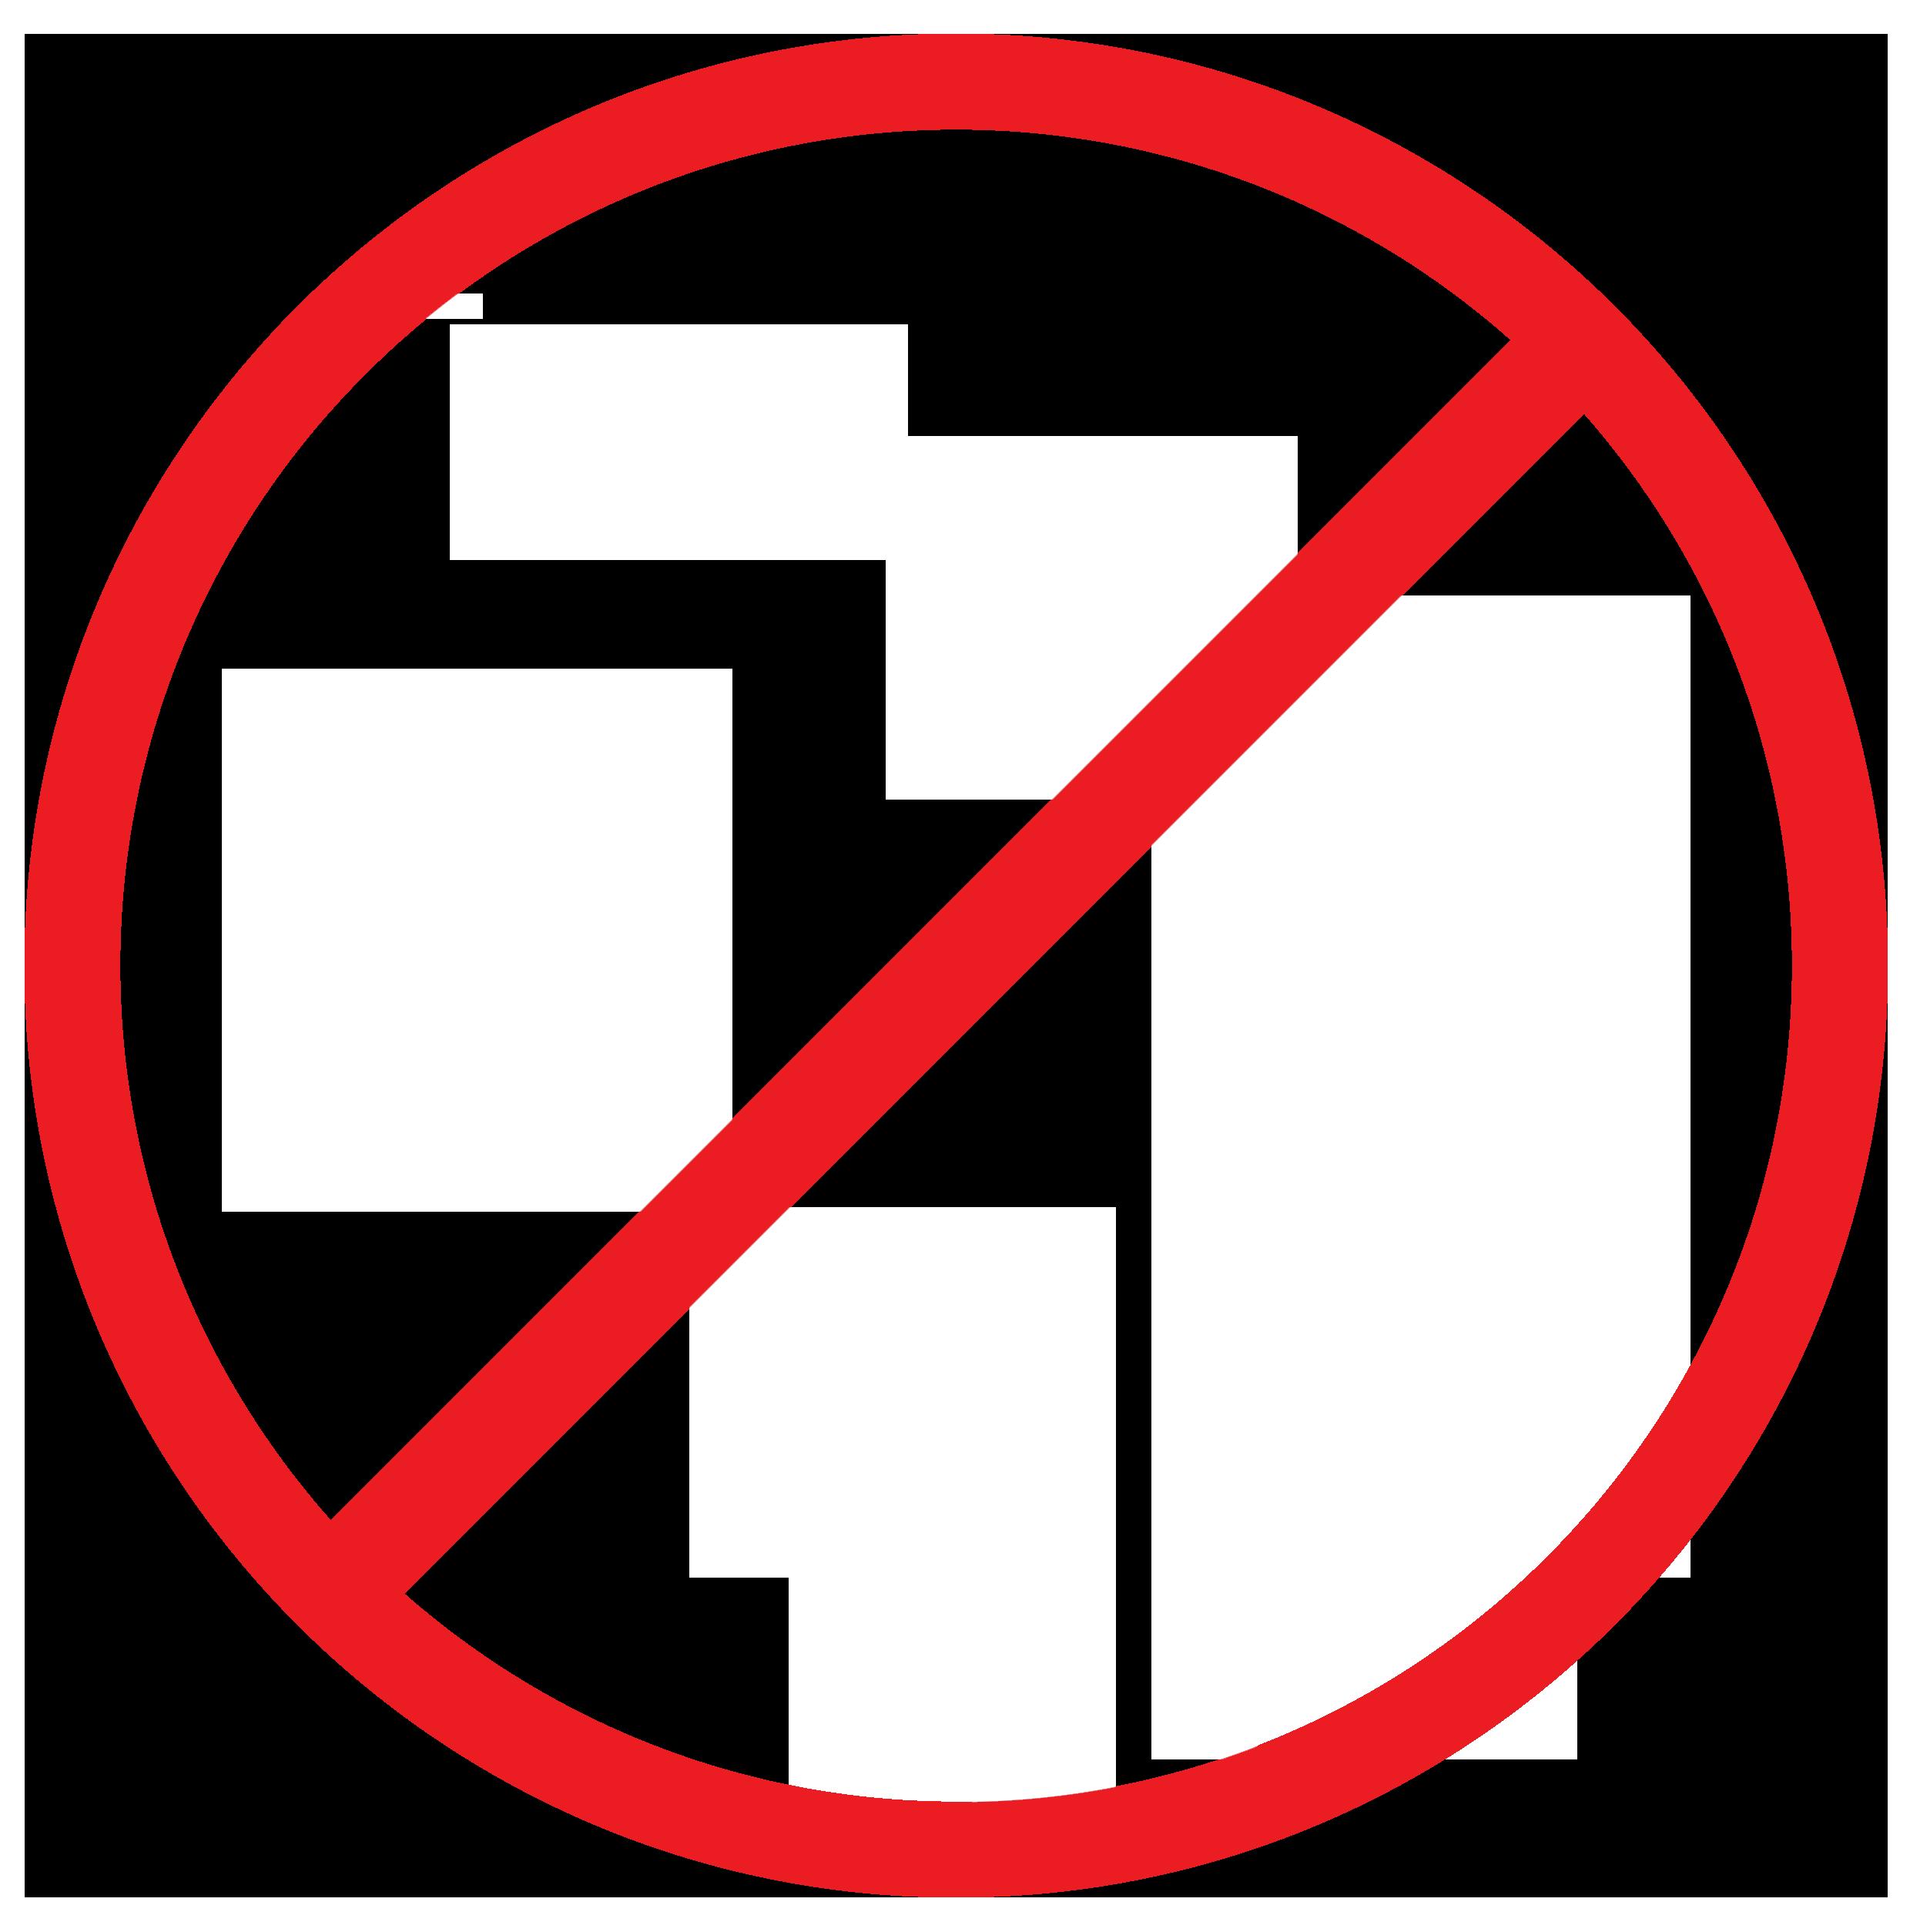 Logo zonder boren en schroeven